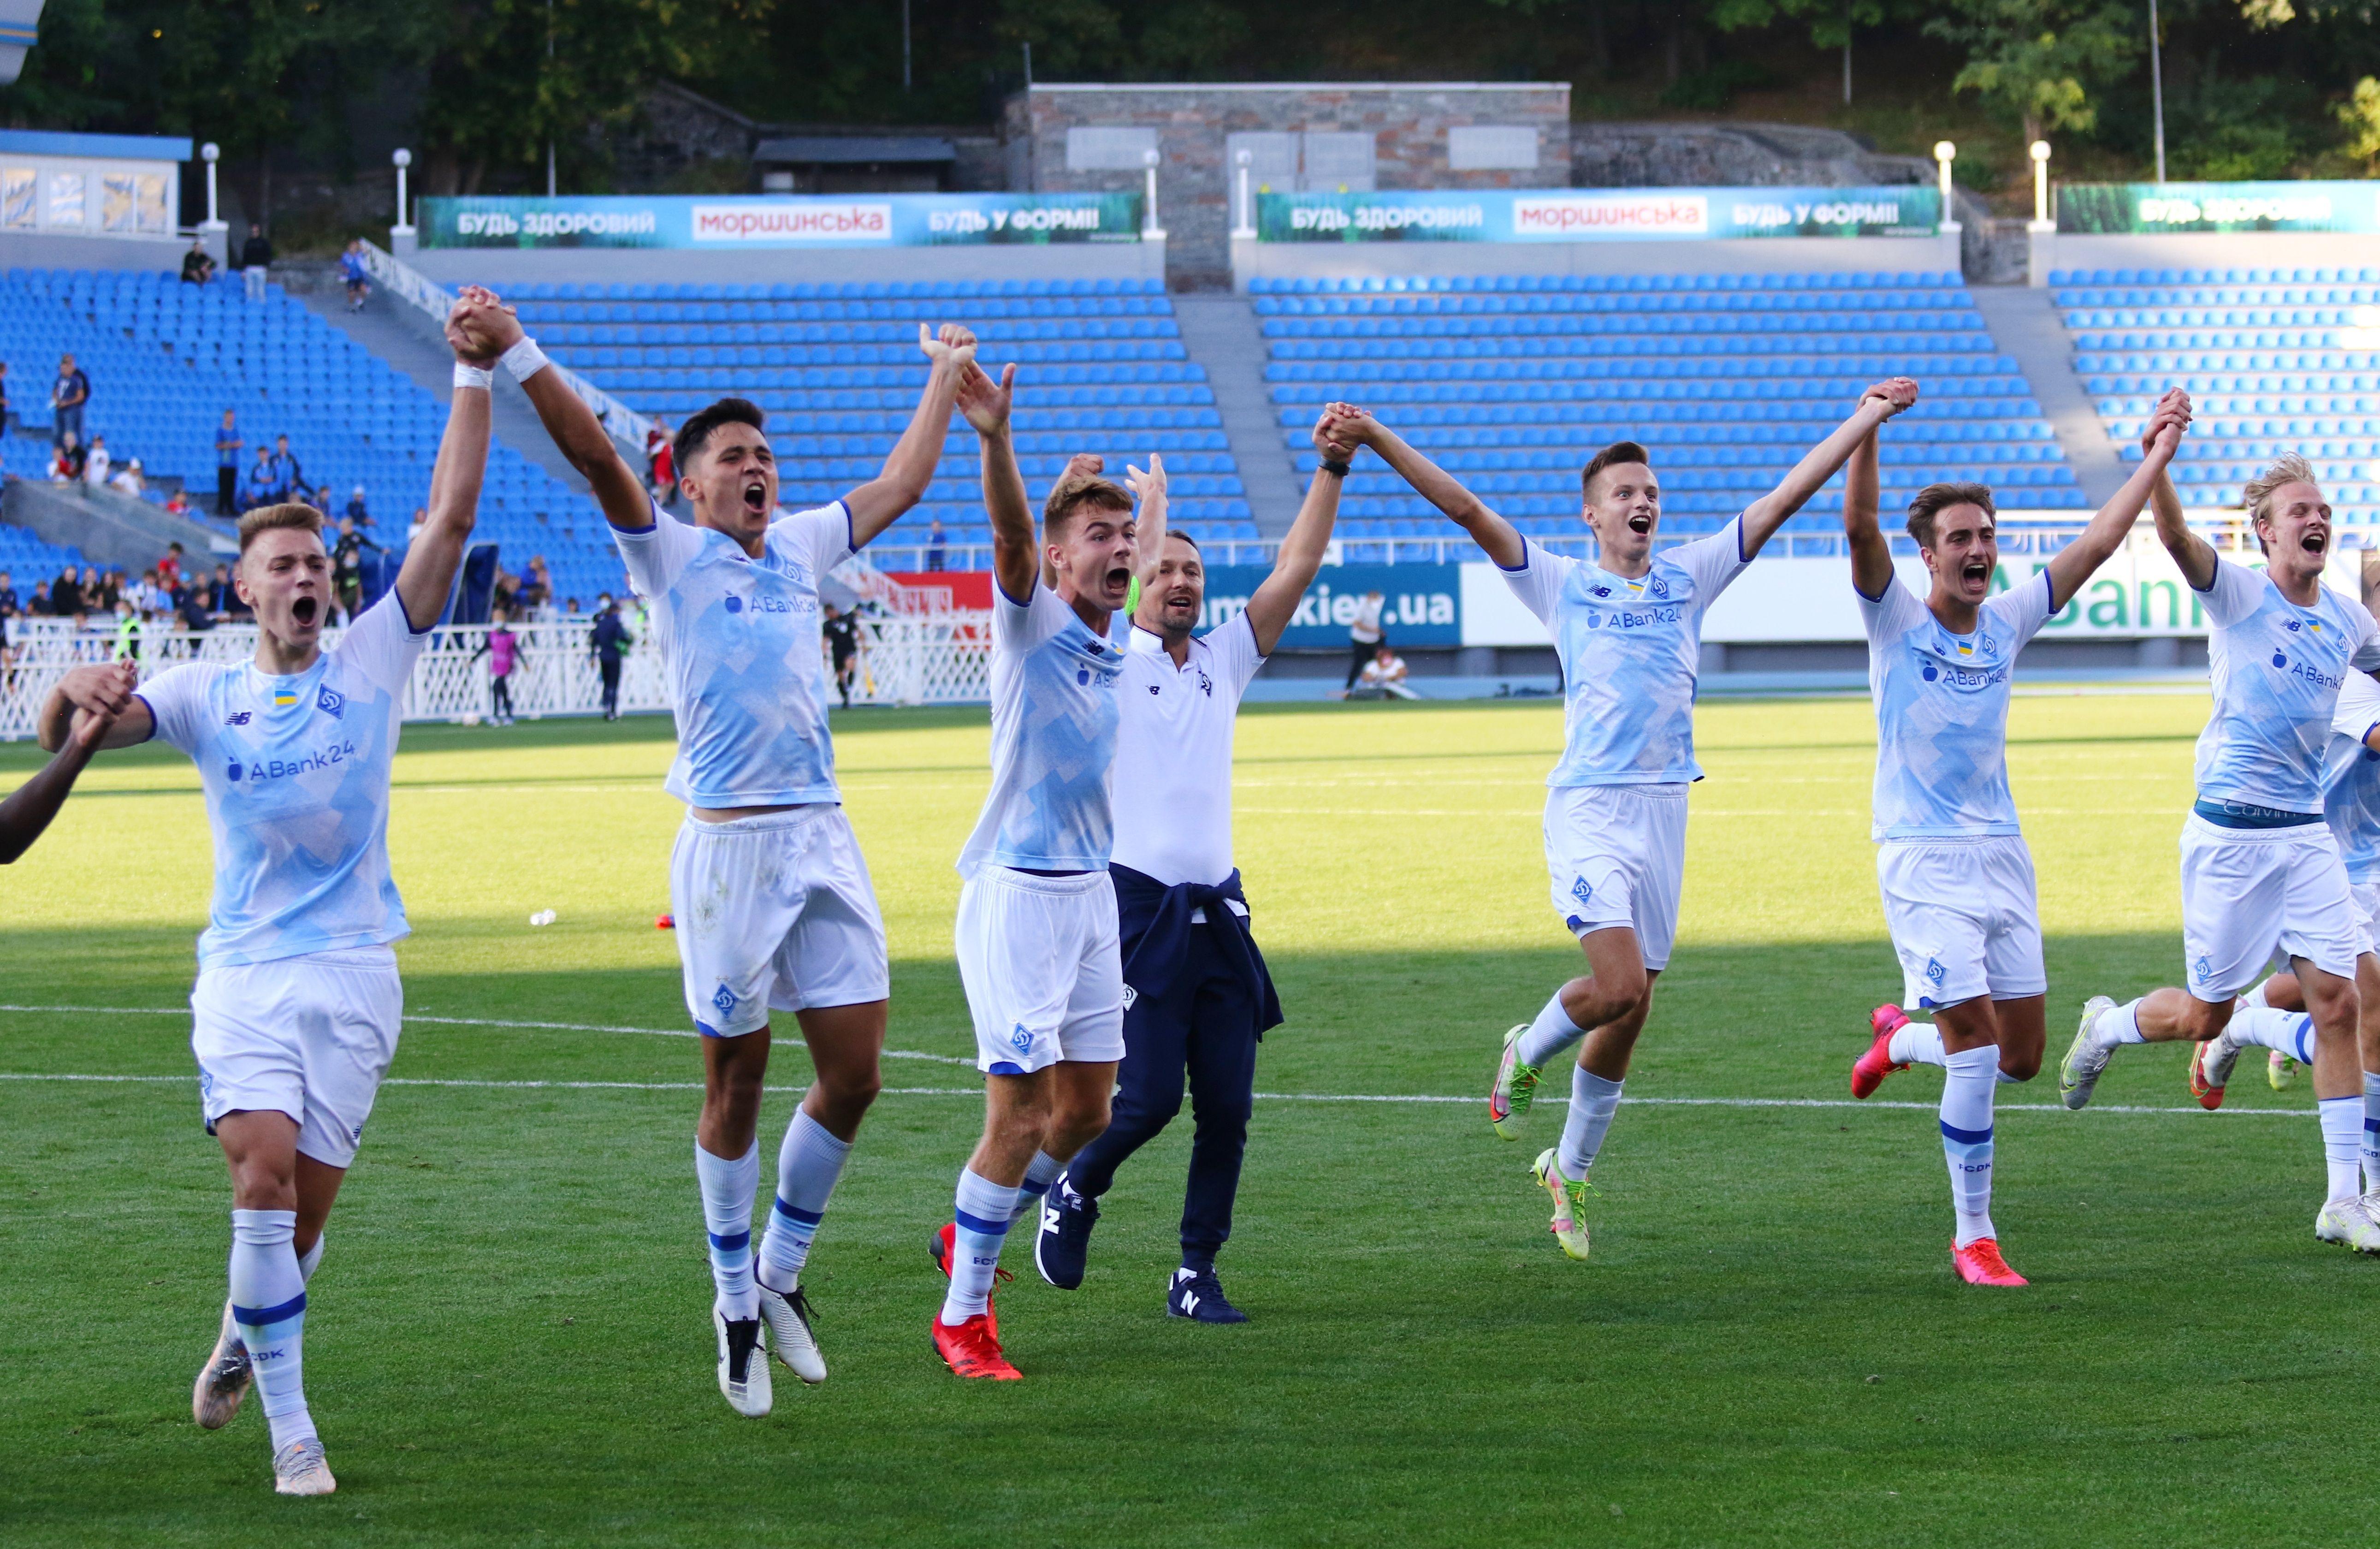 Отличный старт! ФОТО репортаж с матча Юношеской лиги УЕФА Динамо - Бенфика 4:0 - фото 27